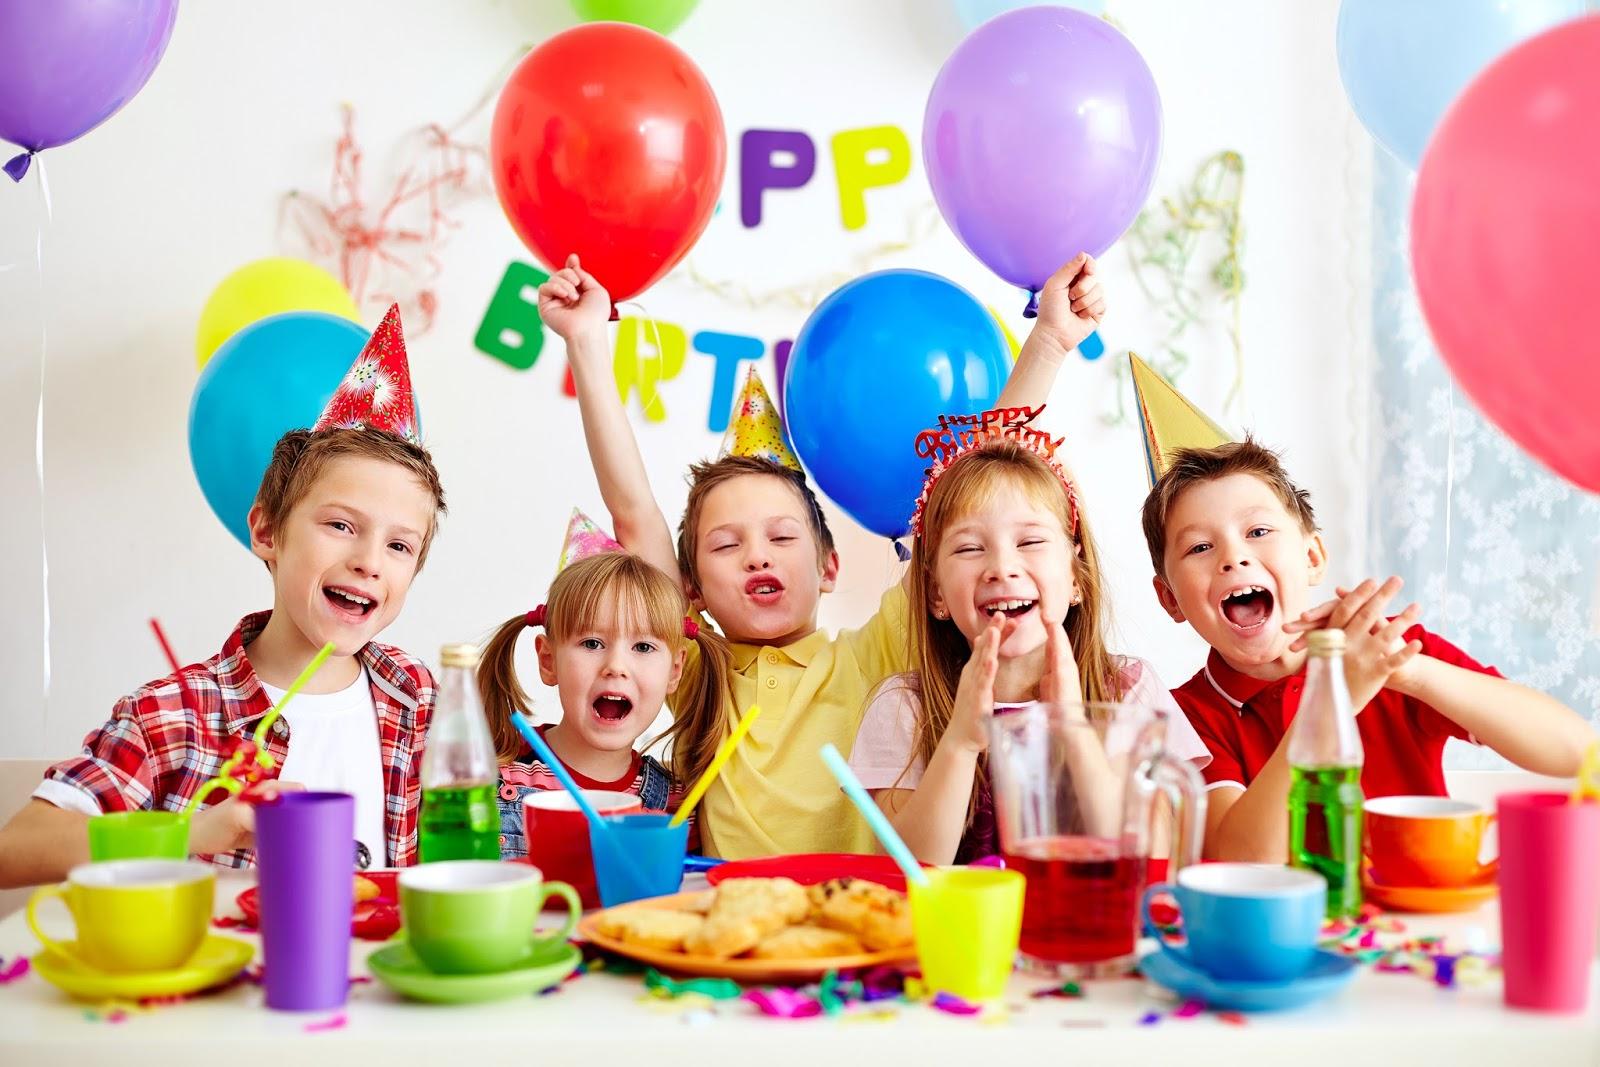 صورة حفلات اعياد ميلاد , اهم يوم عند اي شخص